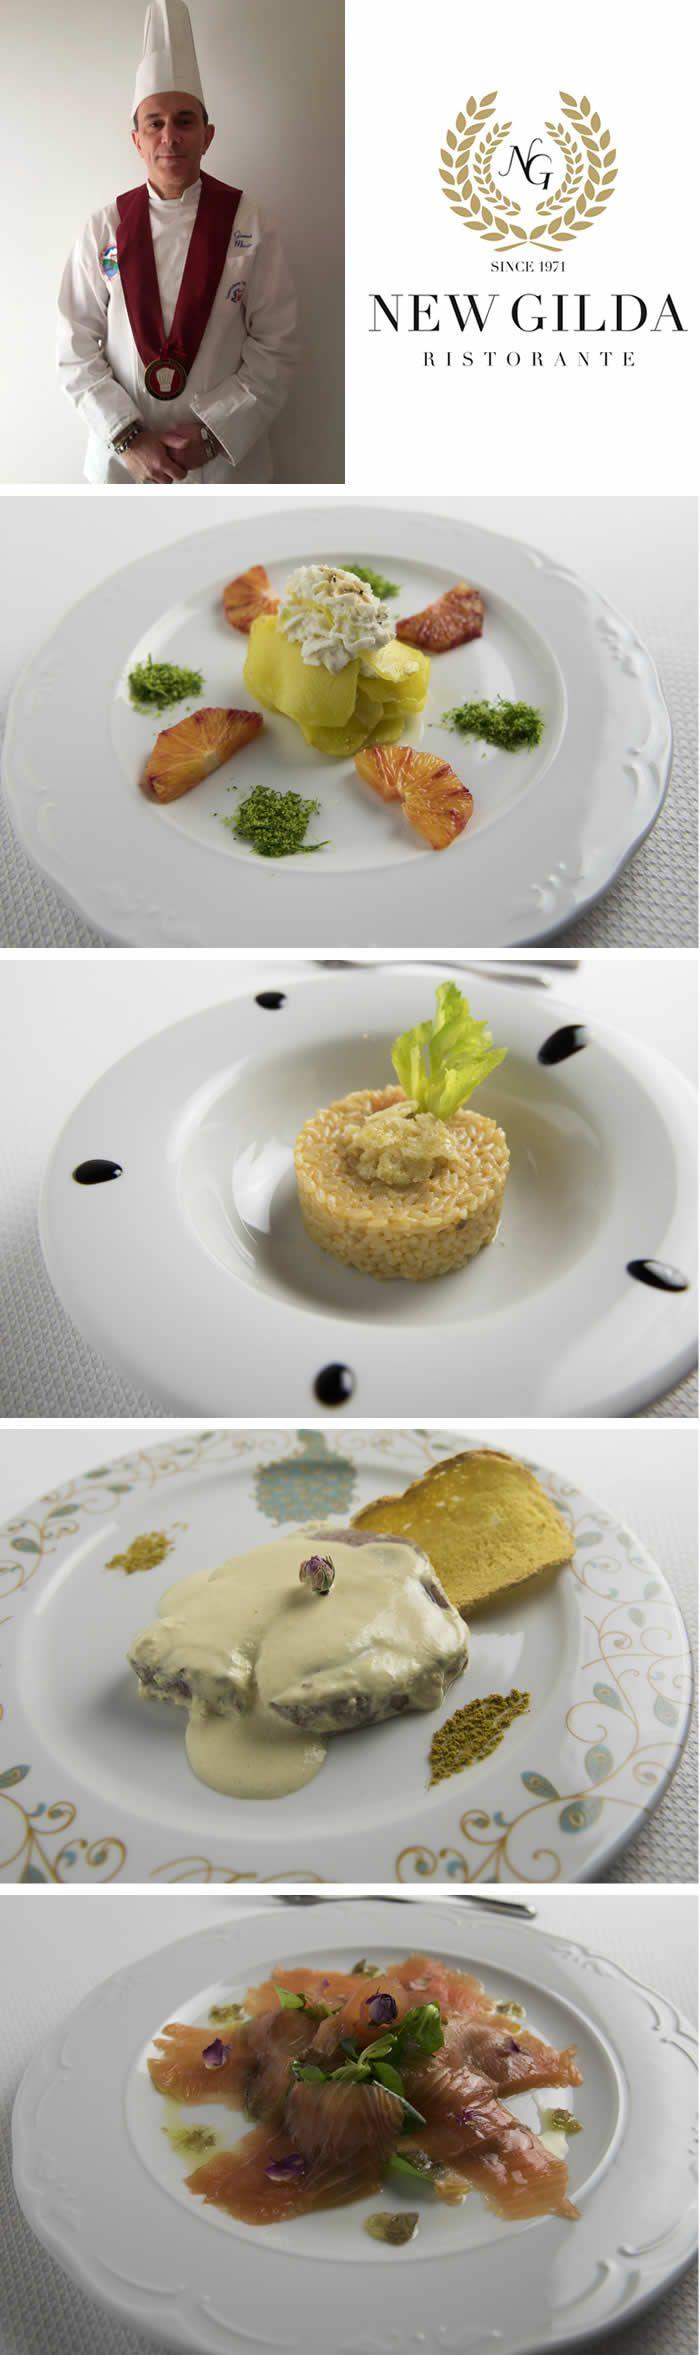 Le ricette dello chef! Speciali anche grazie alle spezie, sali ed erbe aromatiche James 1599